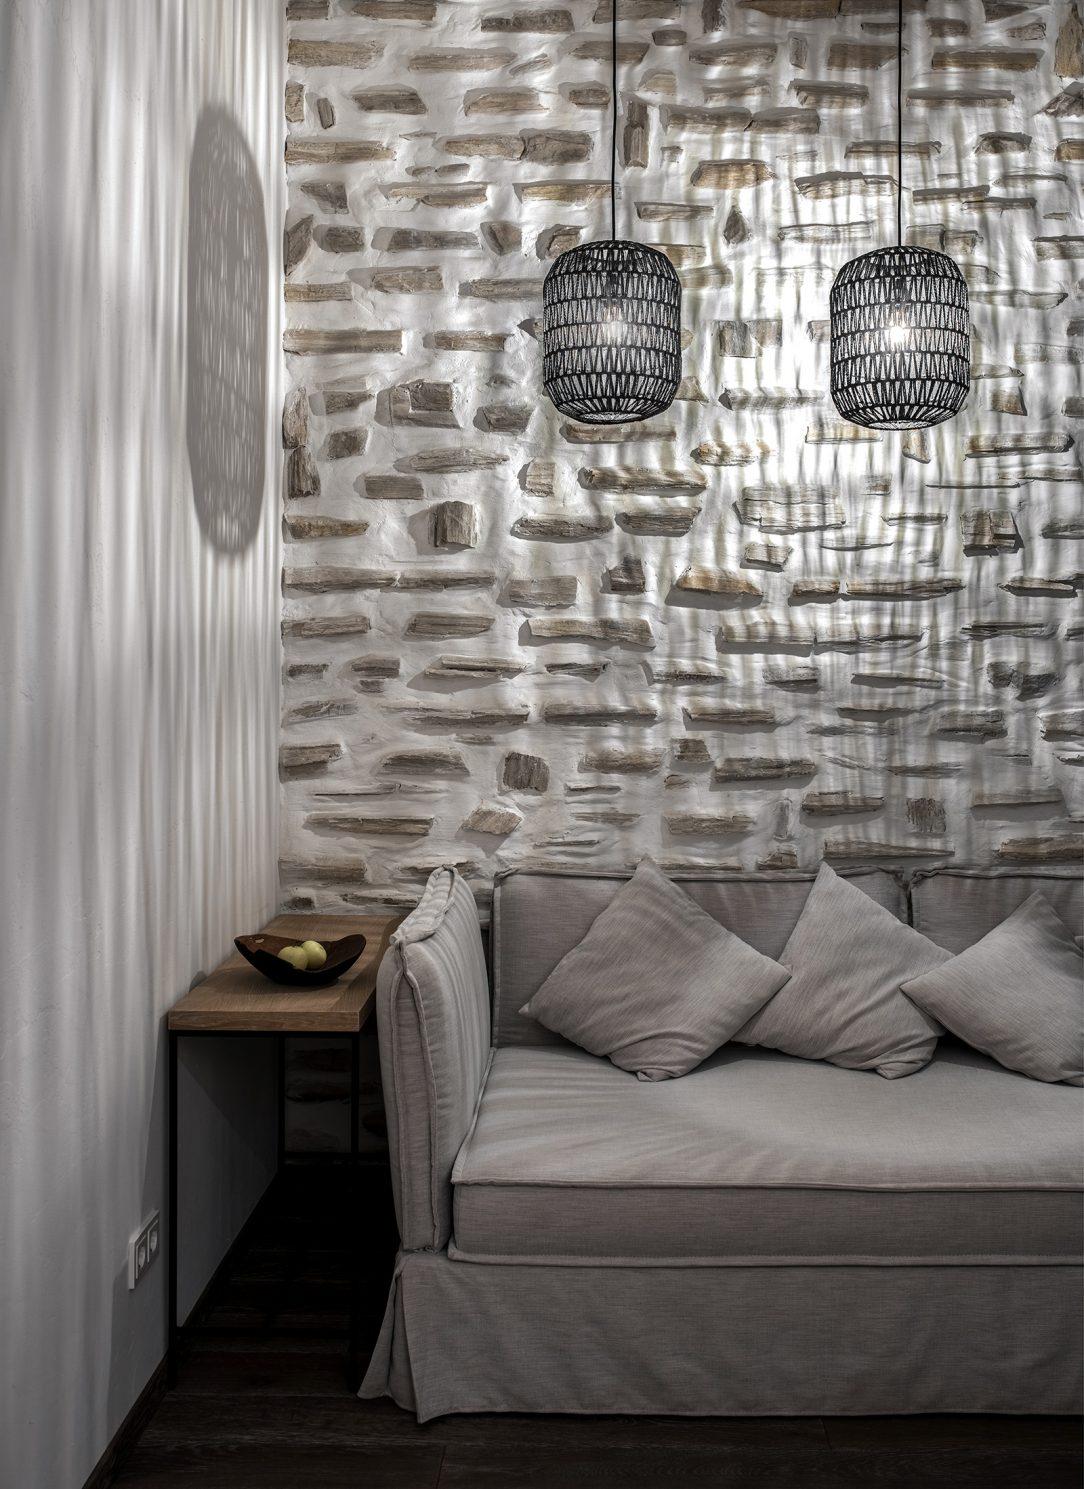 Murivo a odokryté betónové konštrukcie sme v interiéri zachovali zámerne v prirodzenom stave.